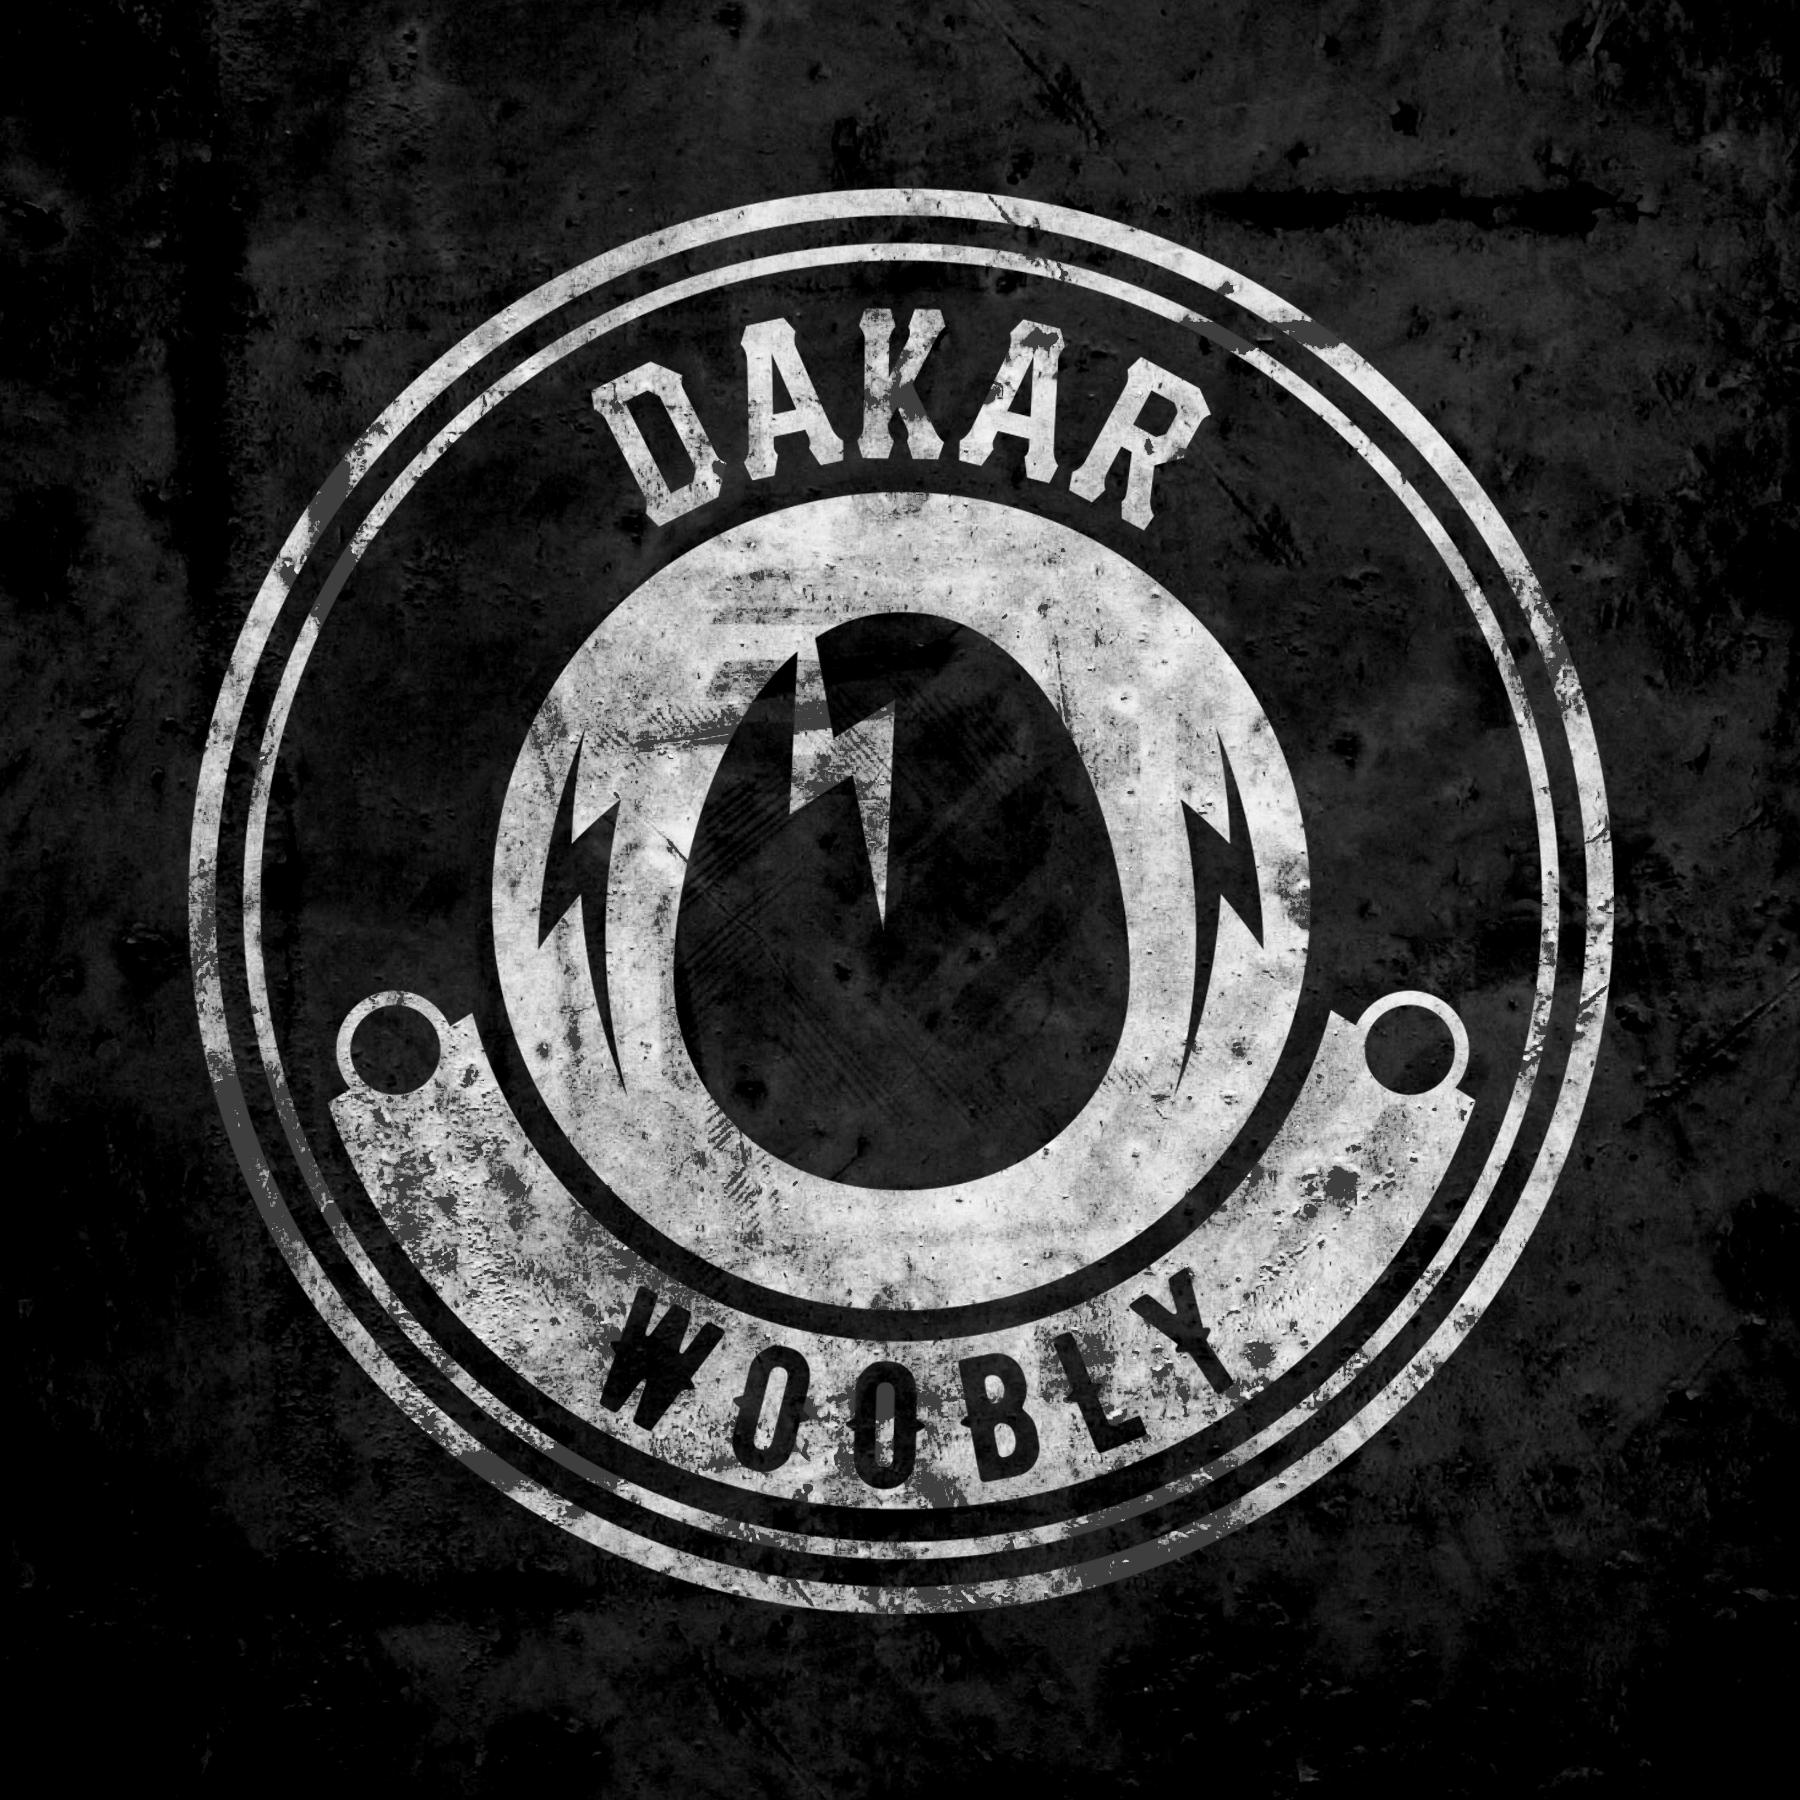 Dakar woobly